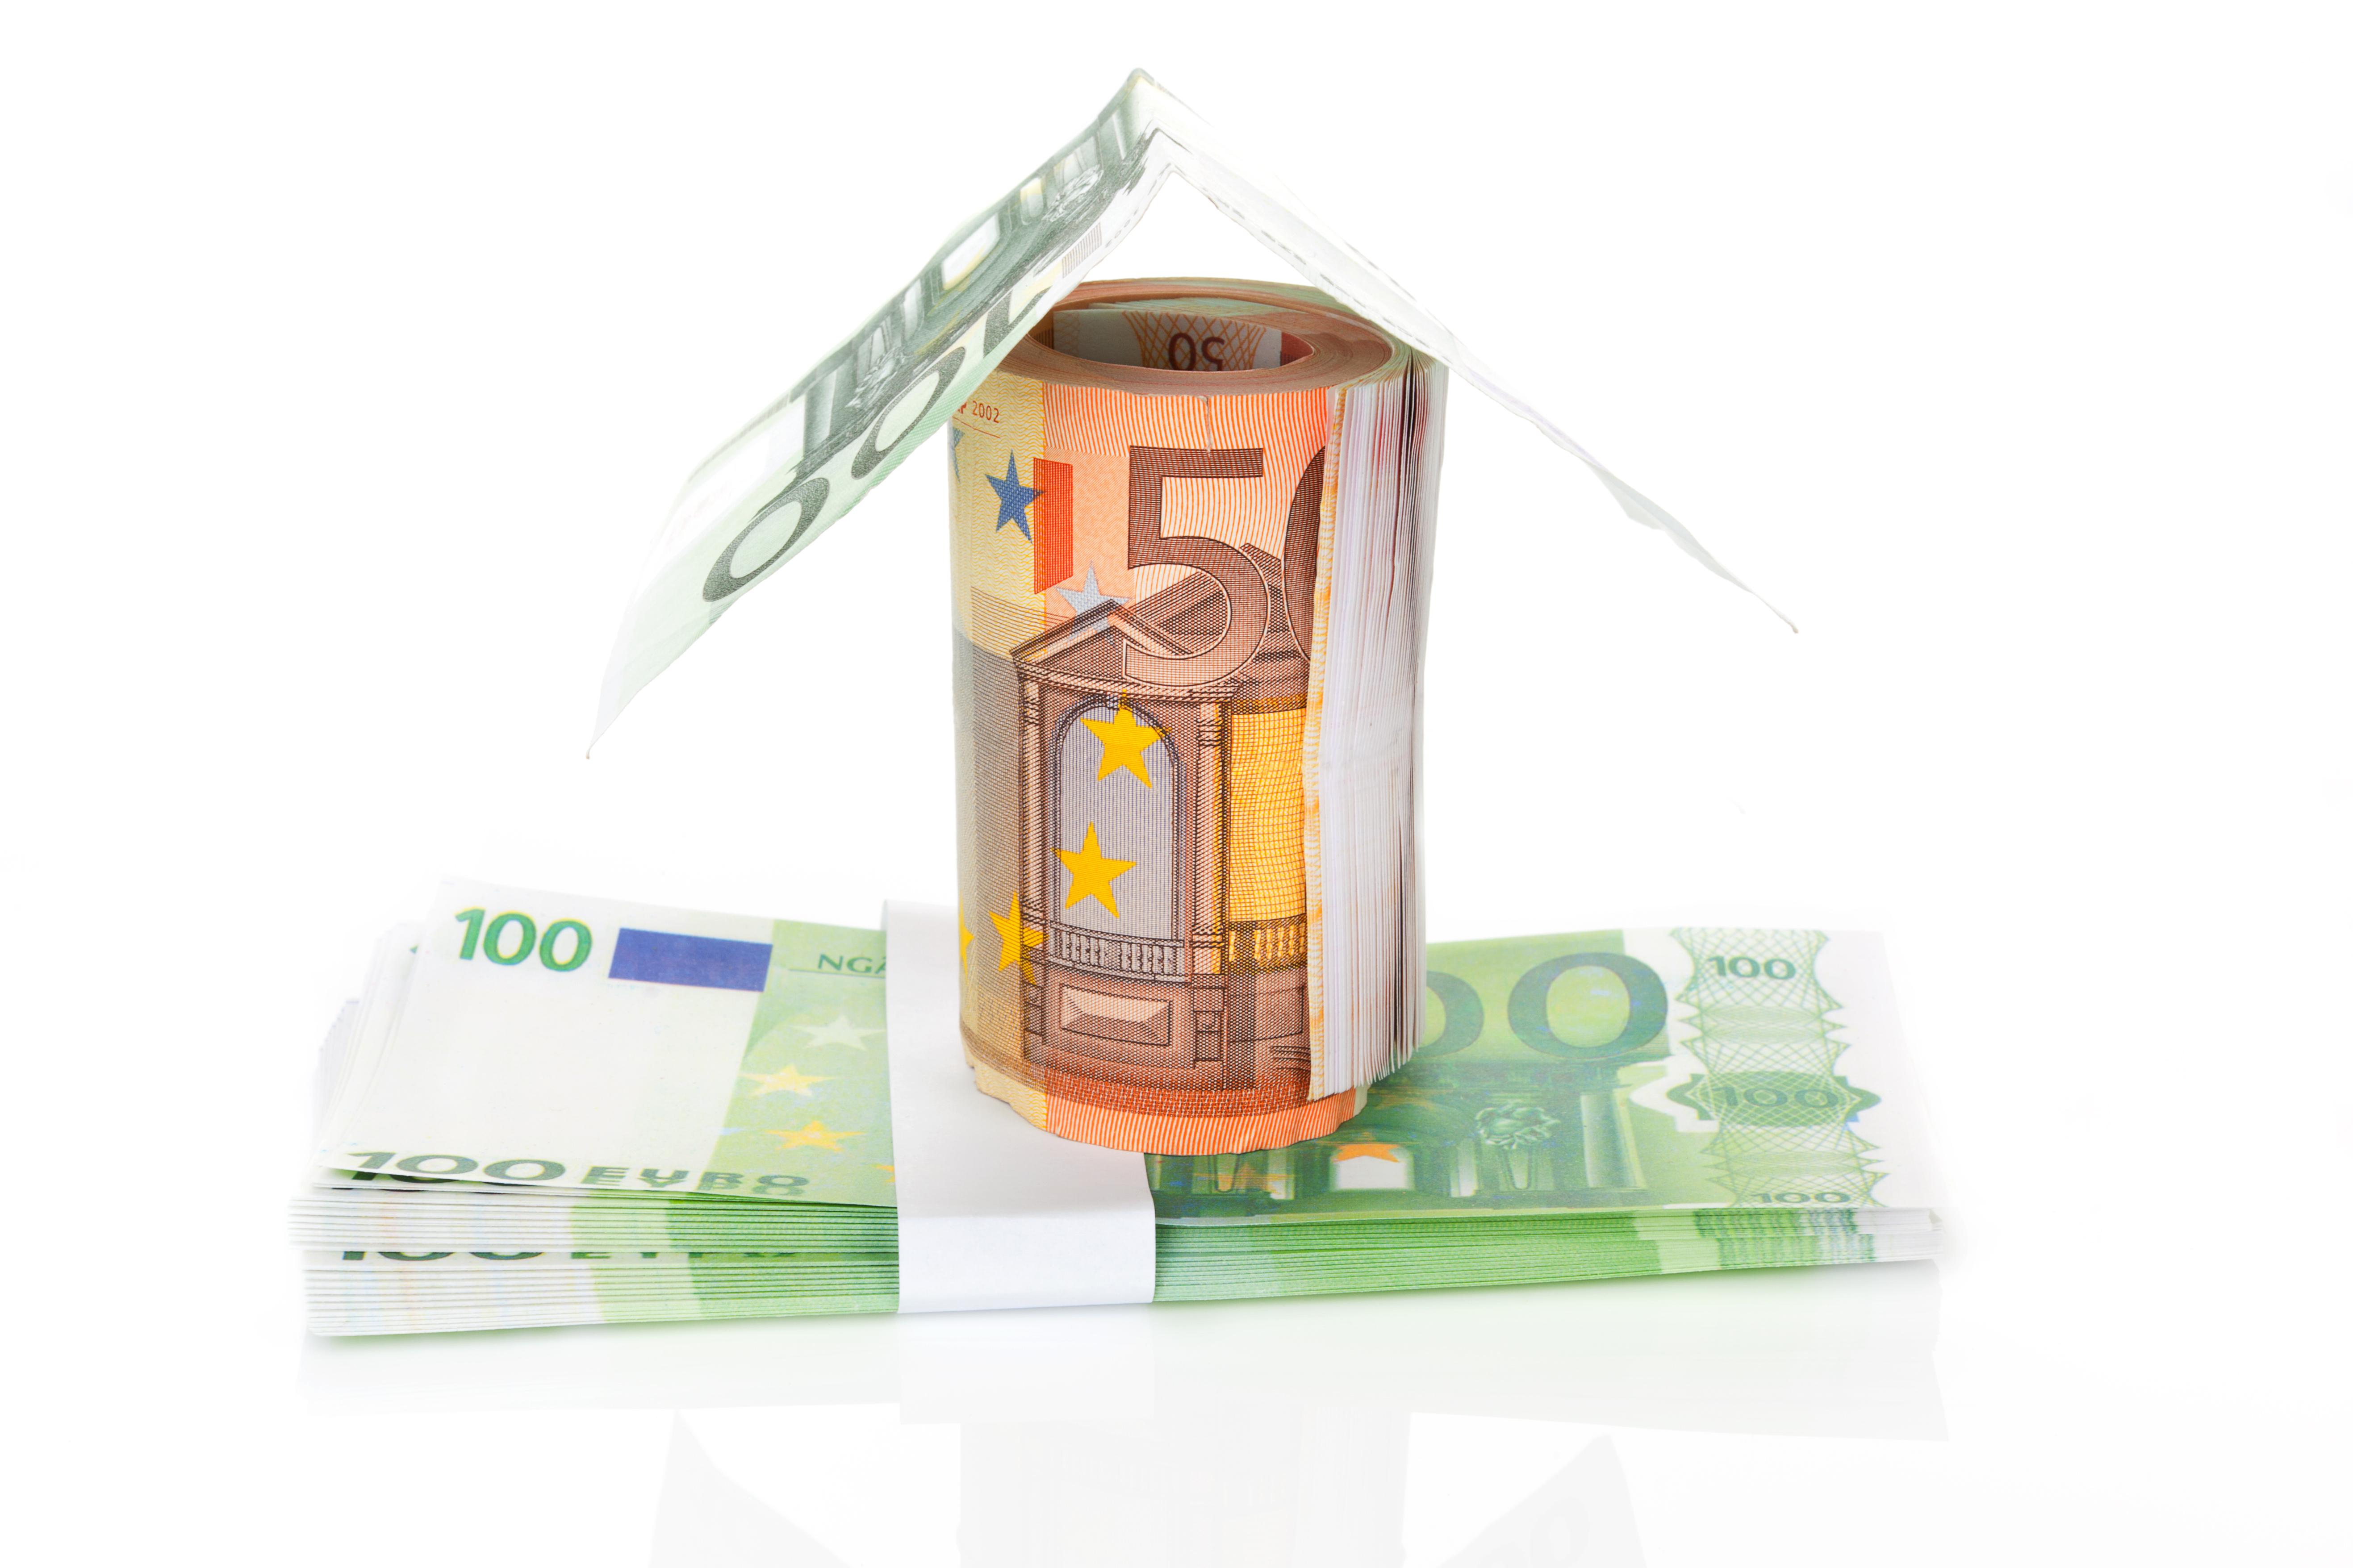 L'Italia è l'unico Paese dell'Ue che vede i prezzi delle case in diminuzione anche in questo ultimo trimestre